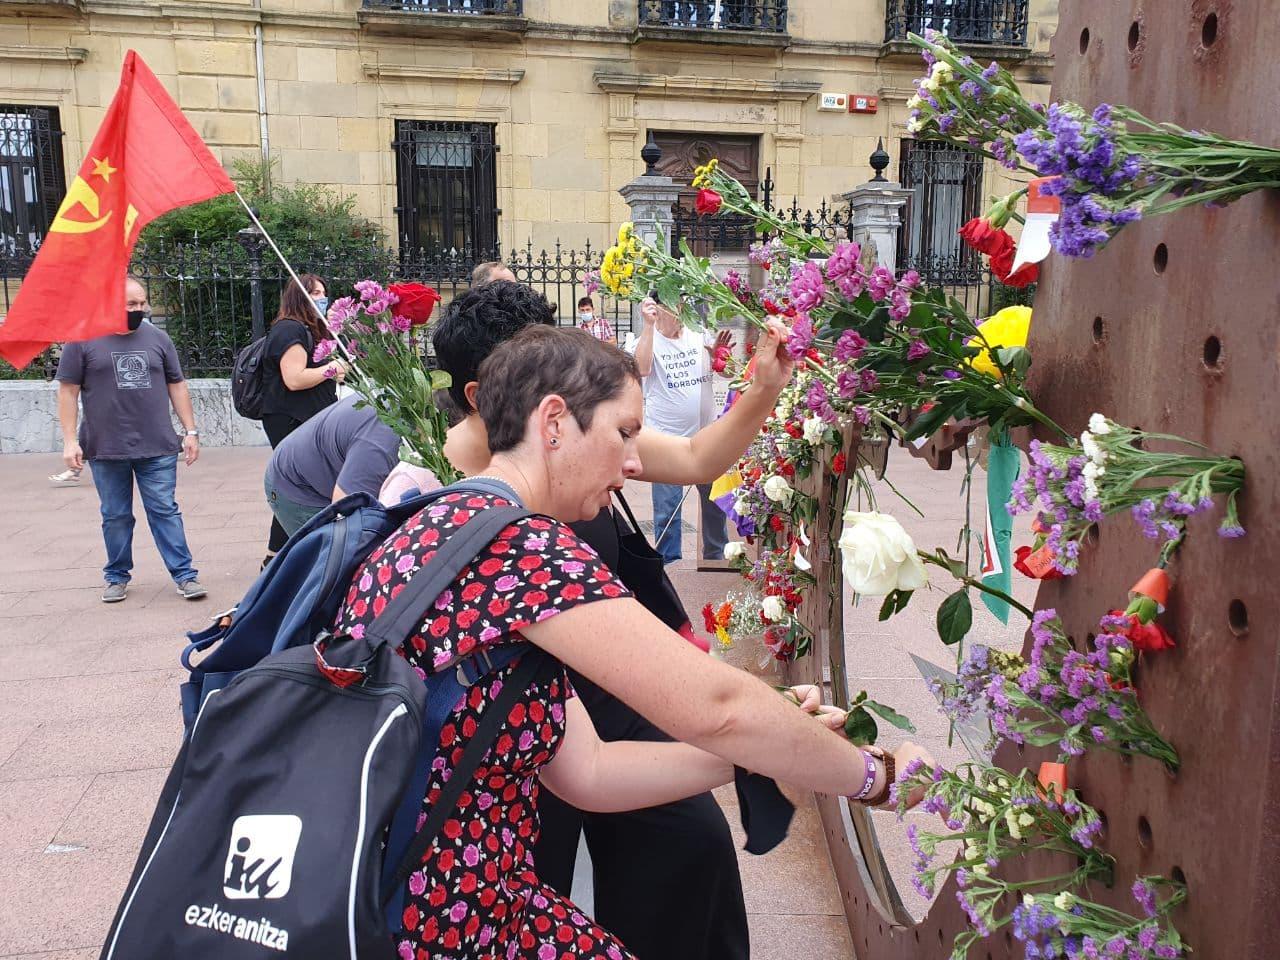 El PCE-EPK participa en los actos de recuerdo a las víctimas del franquismo en Donostia.